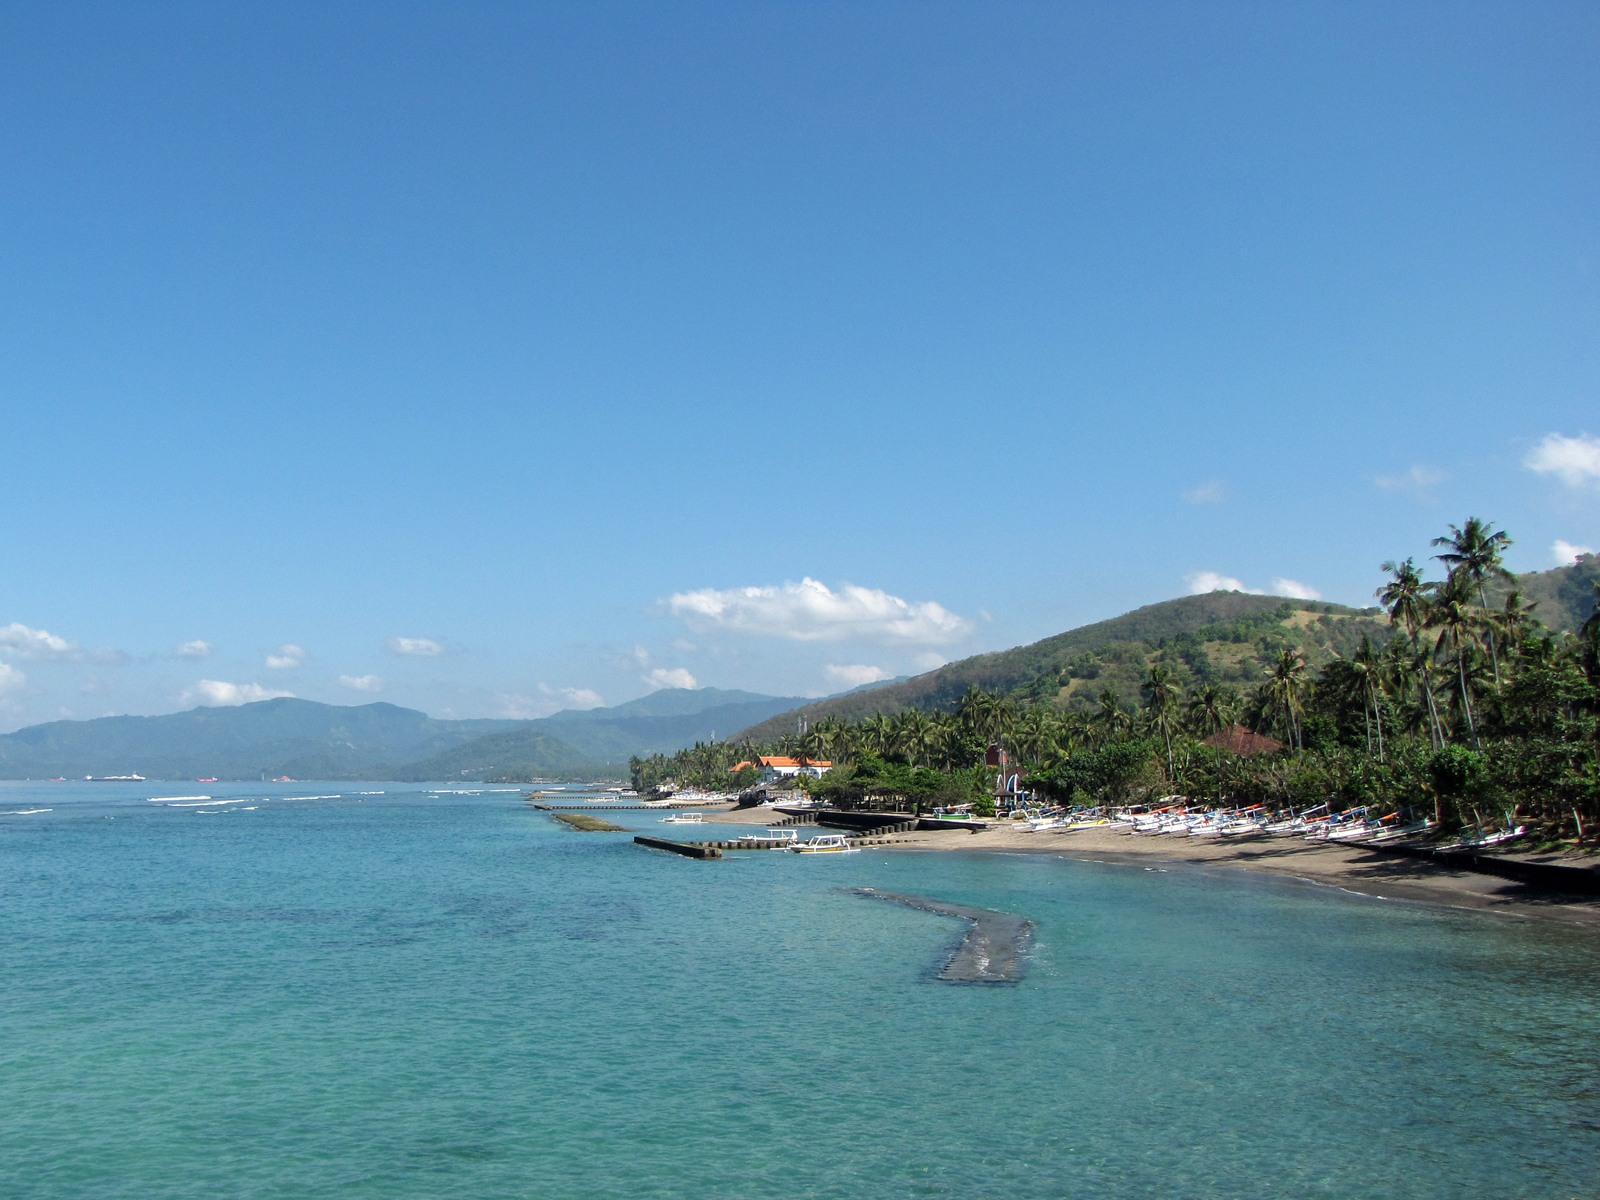 La costa orientale di Bali